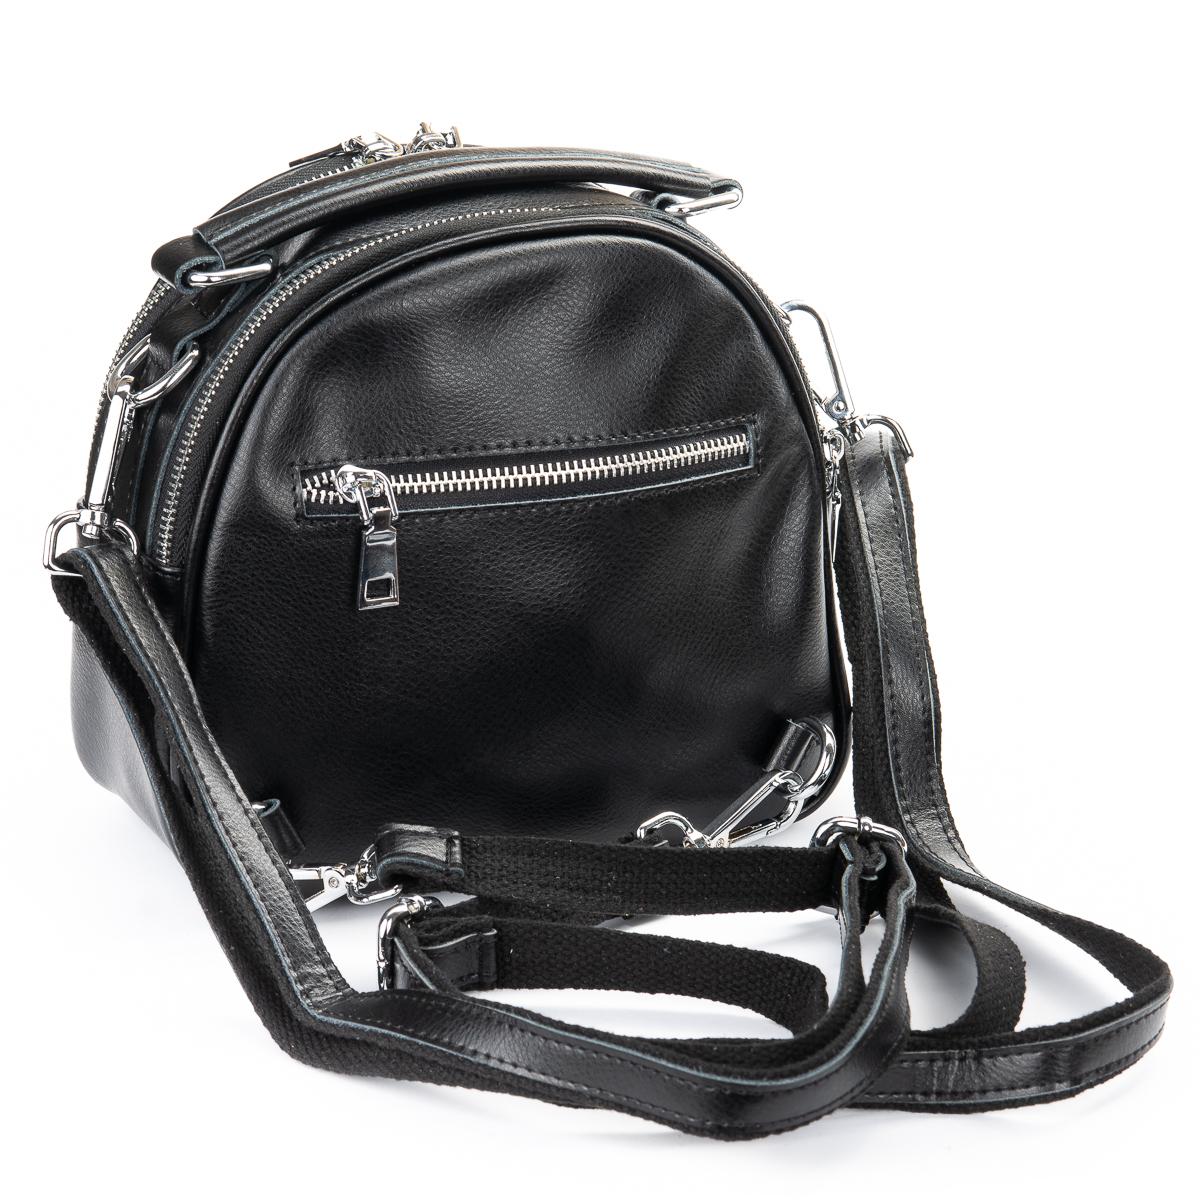 Сумка Женская Классическая кожа ALEX RAI 02-1 339 black - фото 4